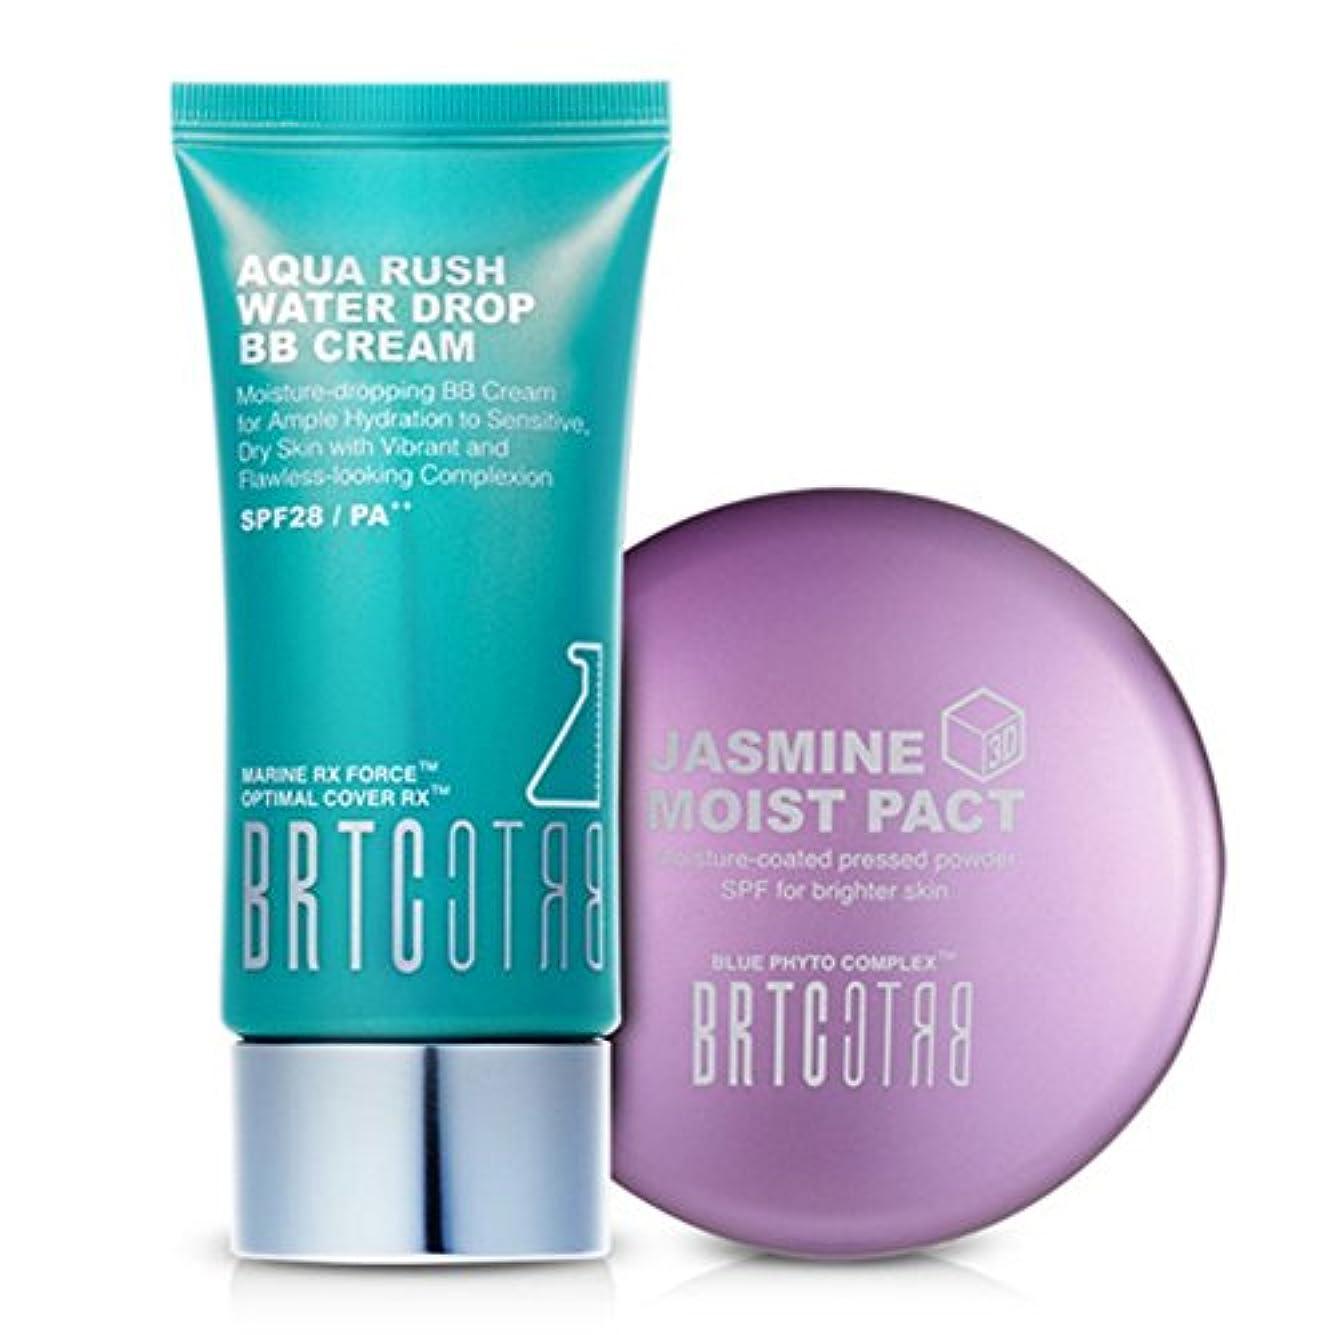 自然時刻表名詞【BRTC/非アルティ時】Whitening&Moisture Make Up Set アクアラッシュビビ ファクト2種set [BB Cream+ Moist Pact Set](海外直送品)